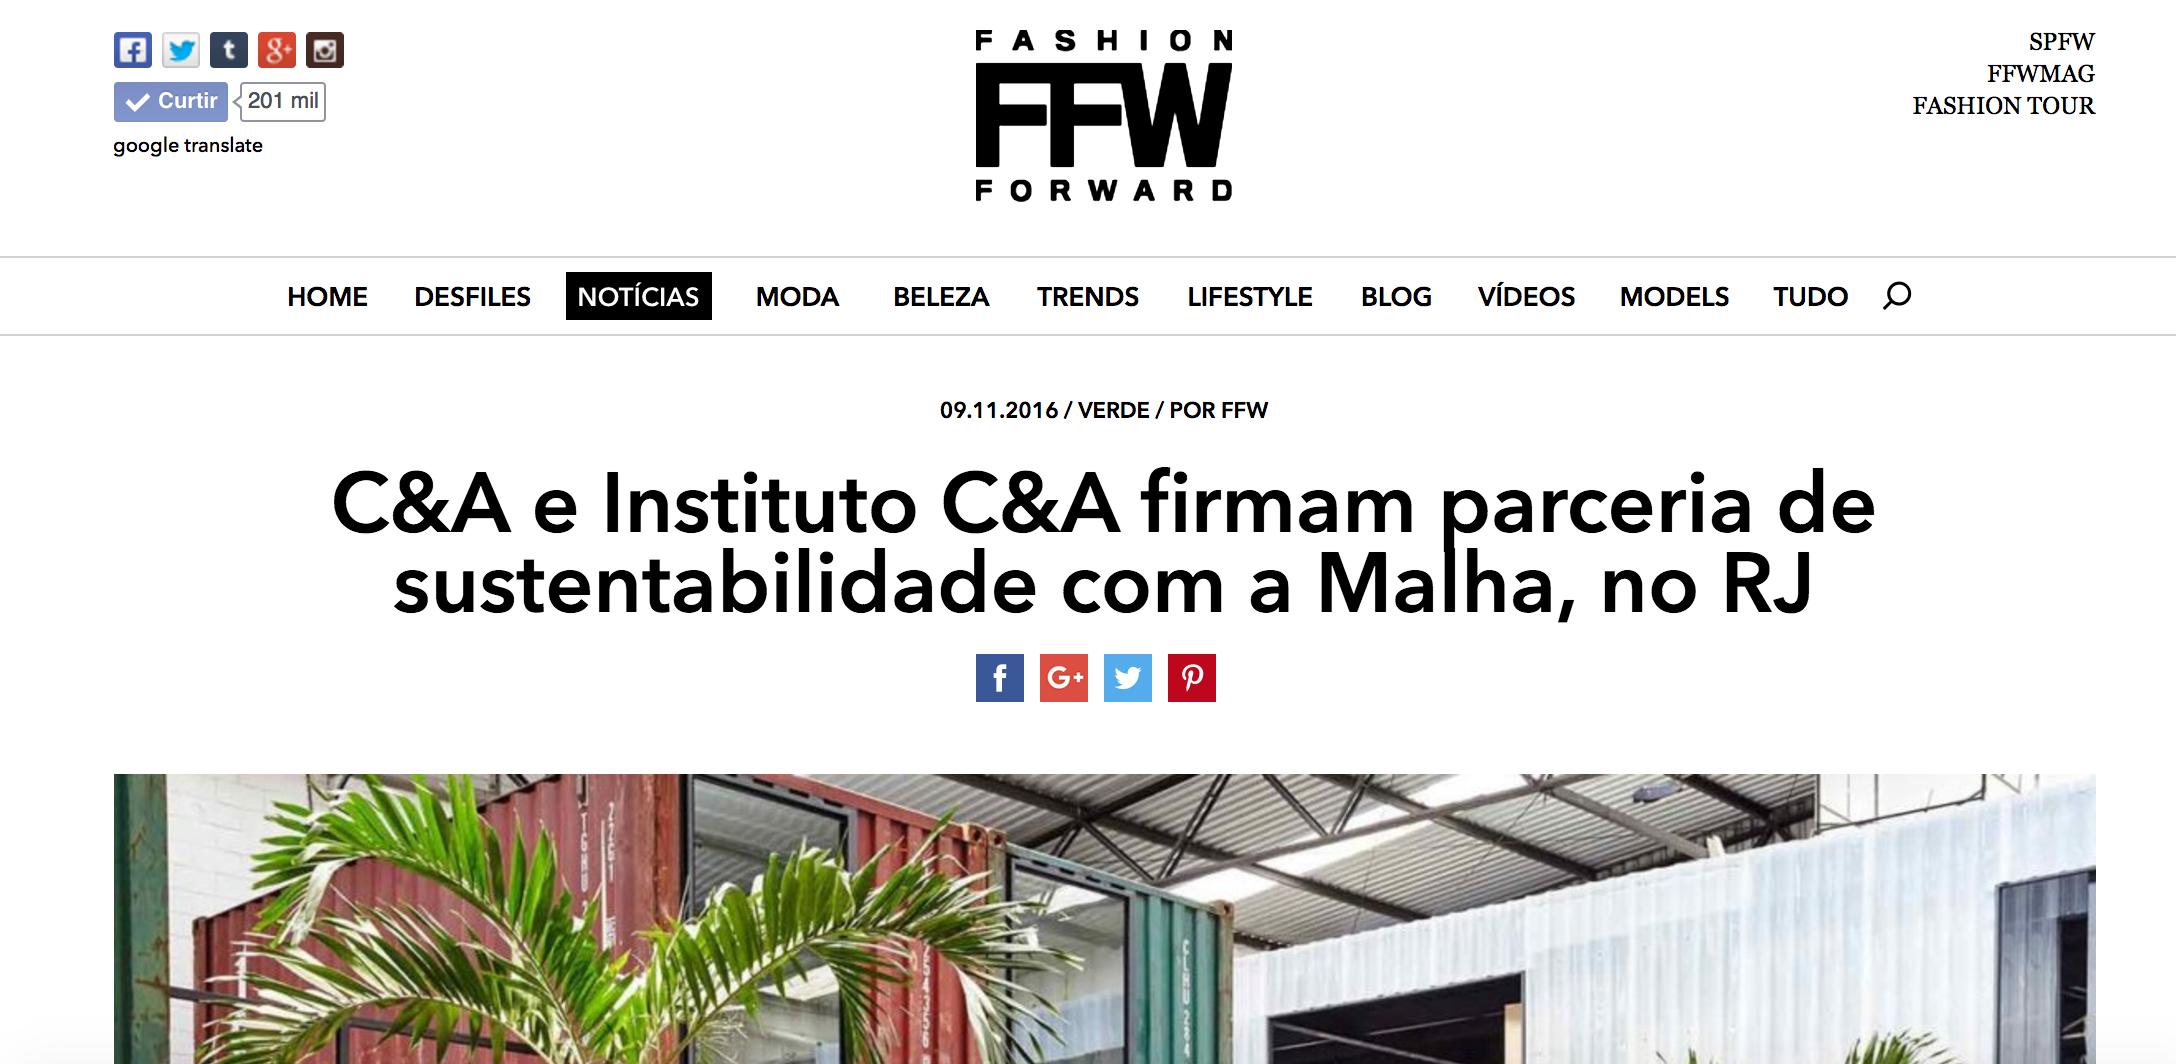 FFW - C&A e Instituto C&A firmam parceria de sustentabilidade com a Malha.png